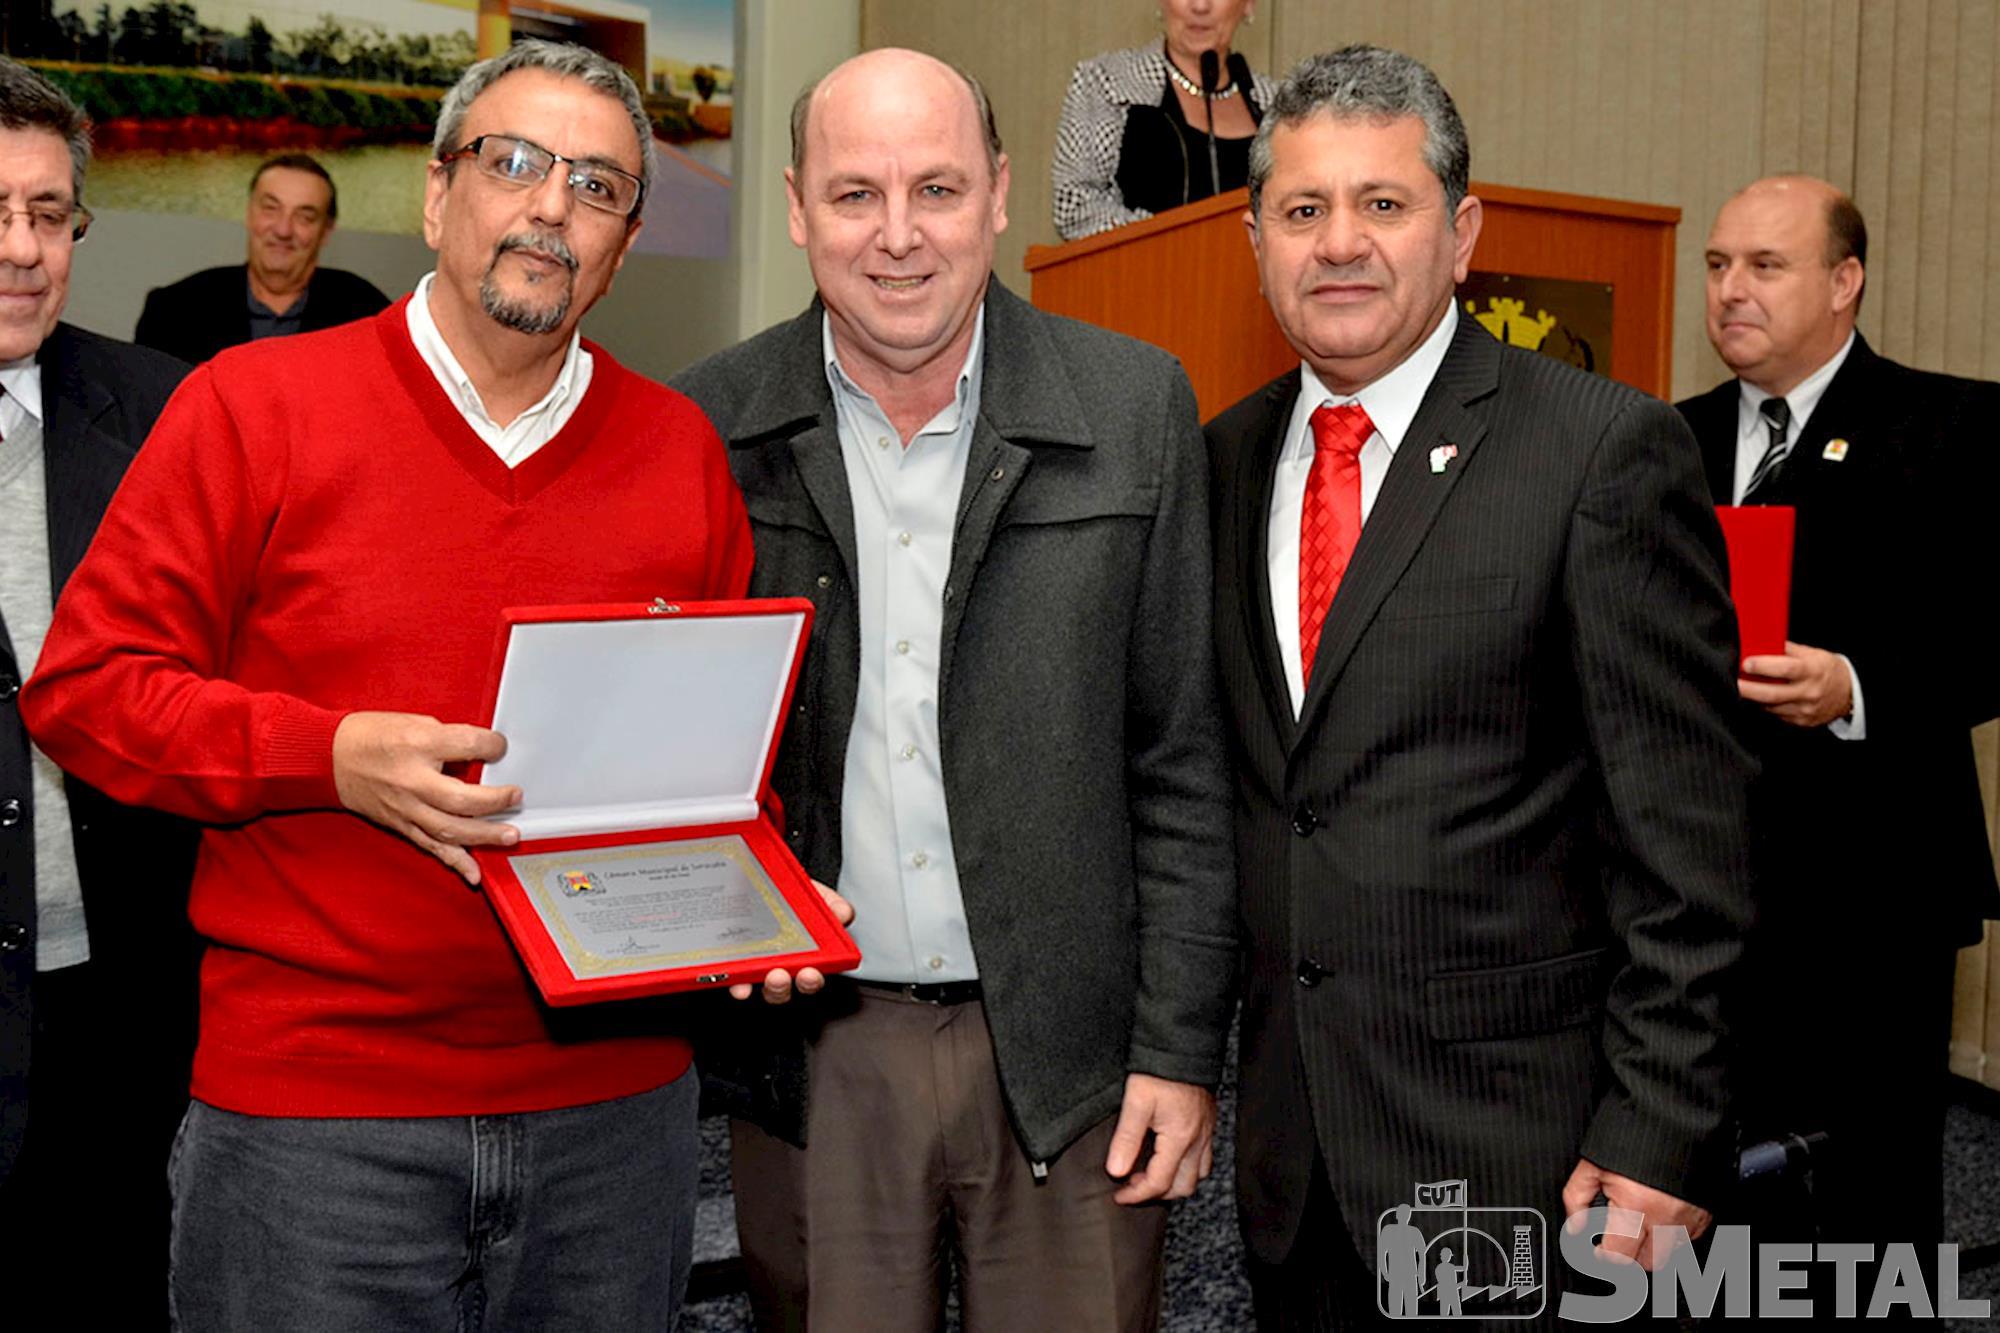 O ex-presidente do Sindicato dos Metalúrgicos,  Geraldo Titotto,  recebe homenagem de José Carlos Triniti e Izídio, Sessão Solene na Câmara de Sorocaba comemora 30 anos de CUT